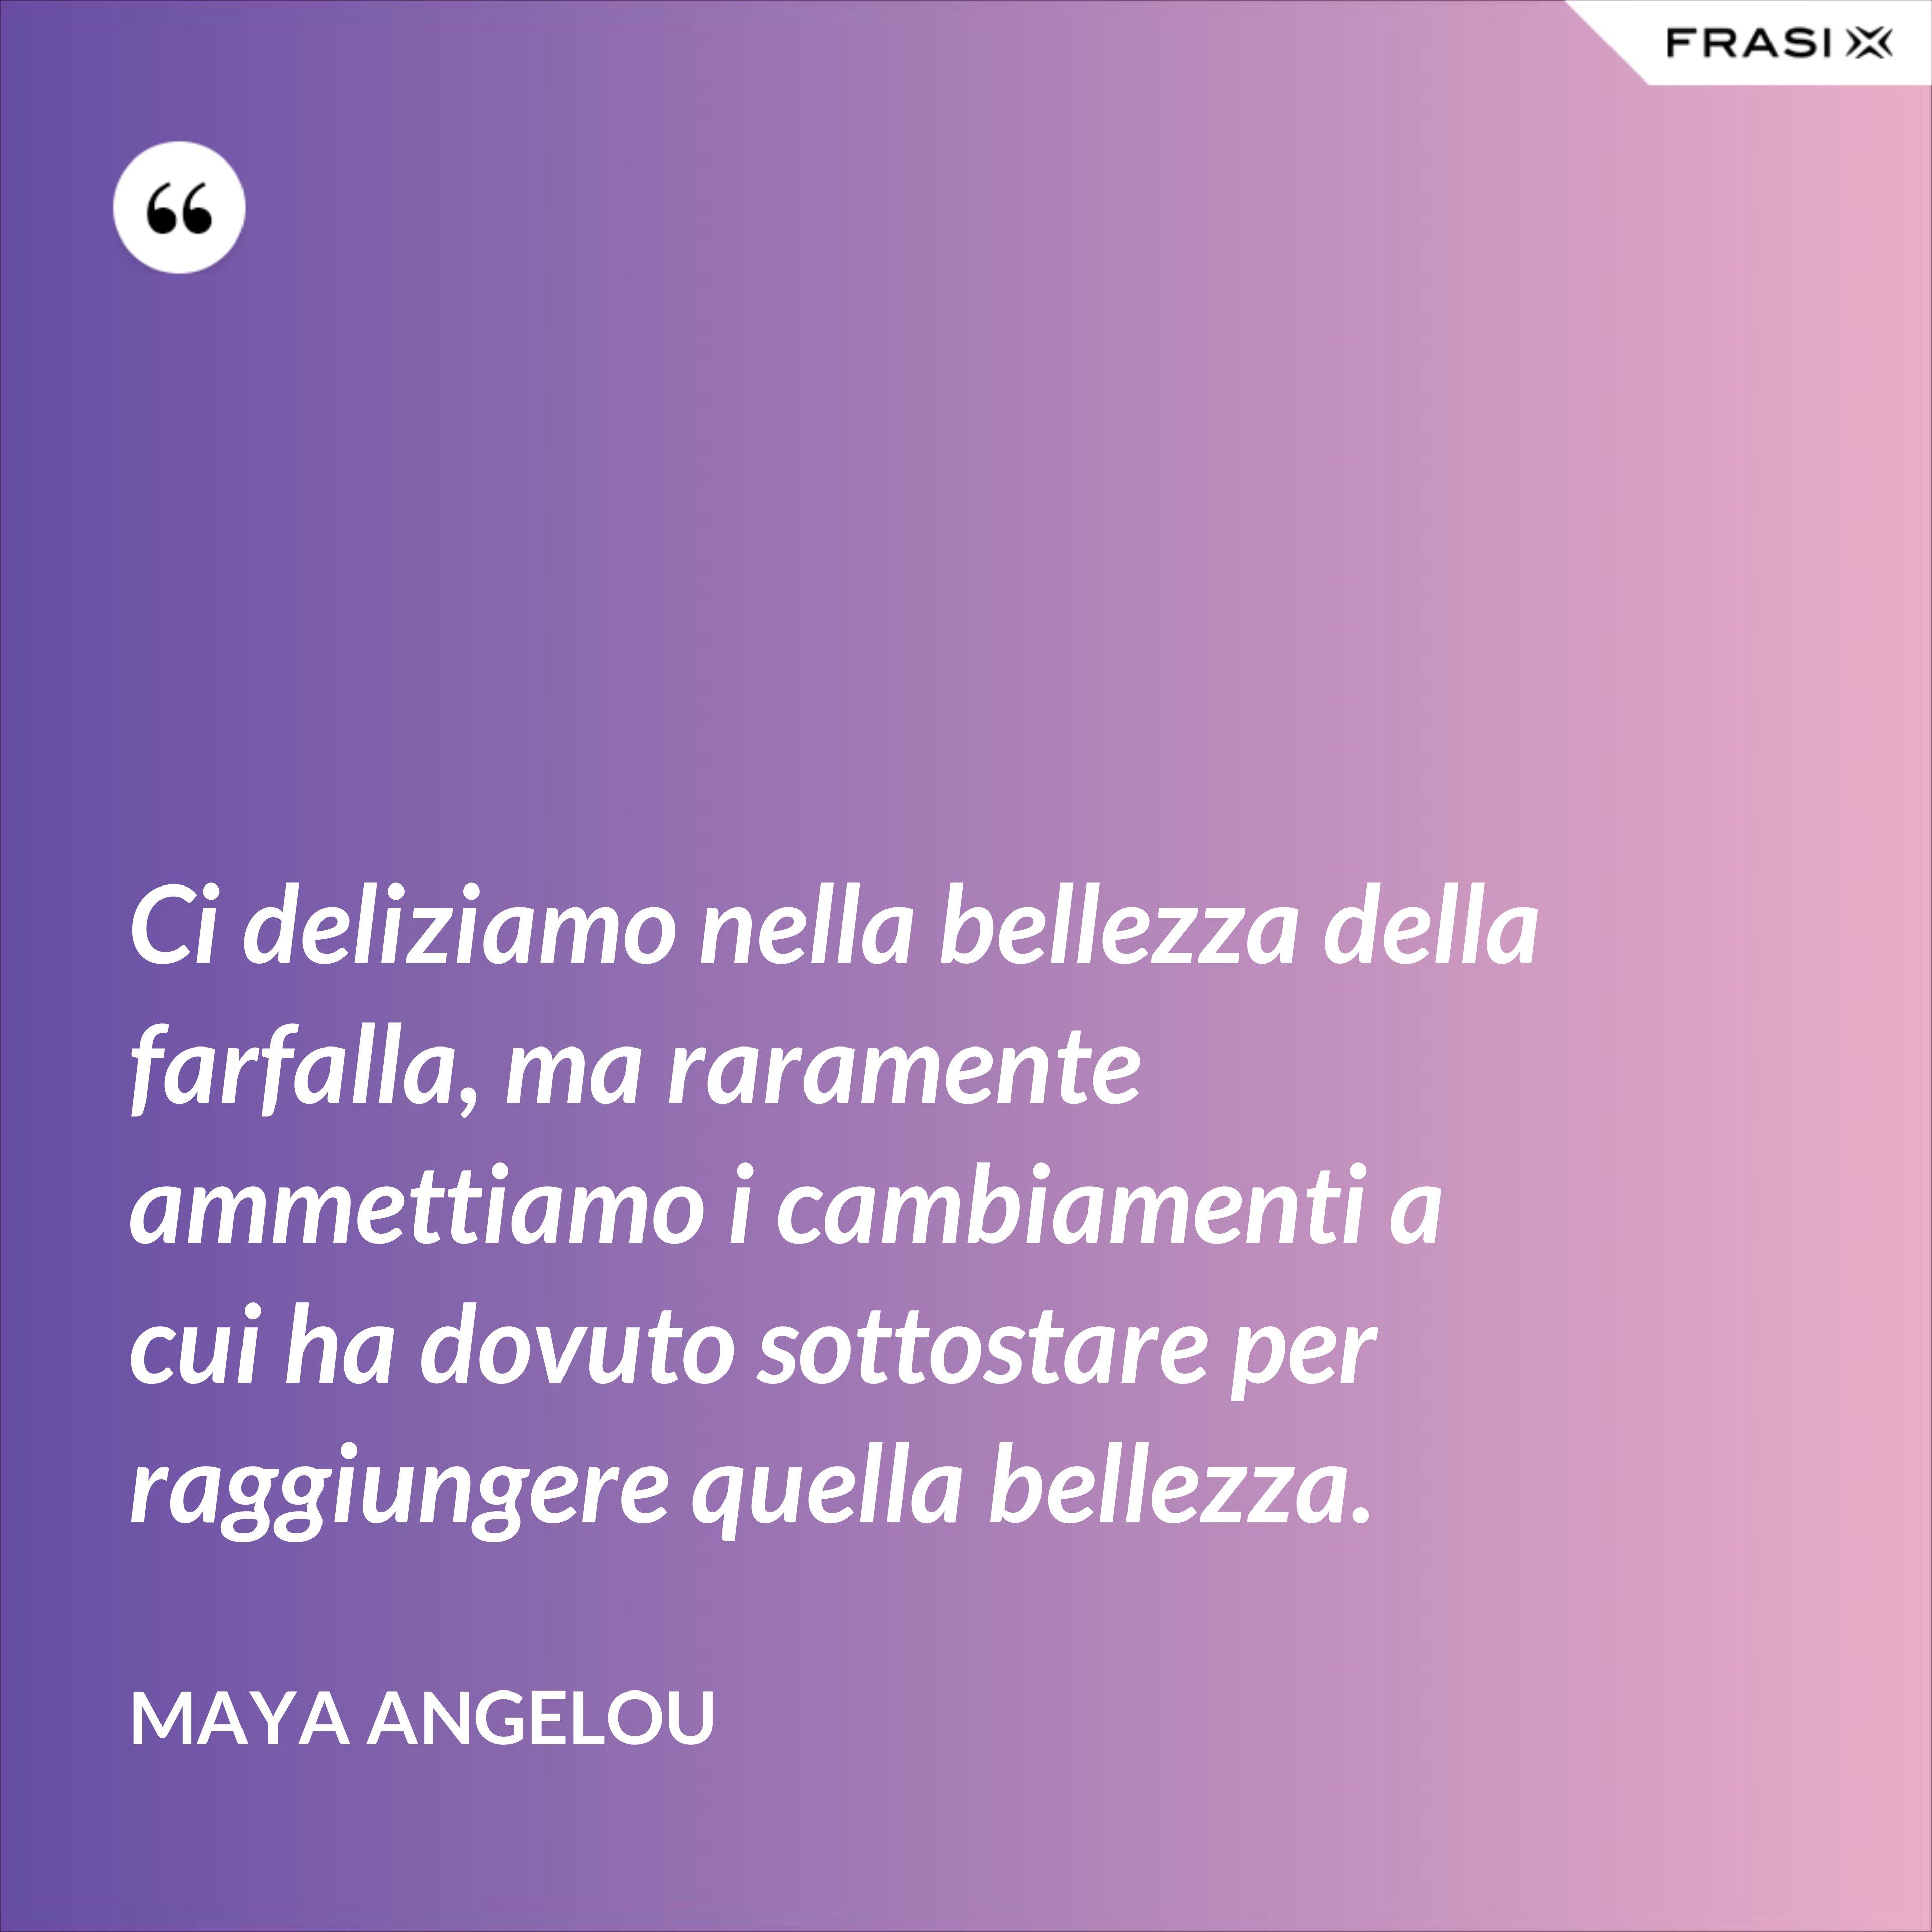 Ci deliziamo nella bellezza della farfalla, ma raramente ammettiamo i cambiamenti a cui ha dovuto sottostare per raggiungere quella bellezza. - Maya Angelou